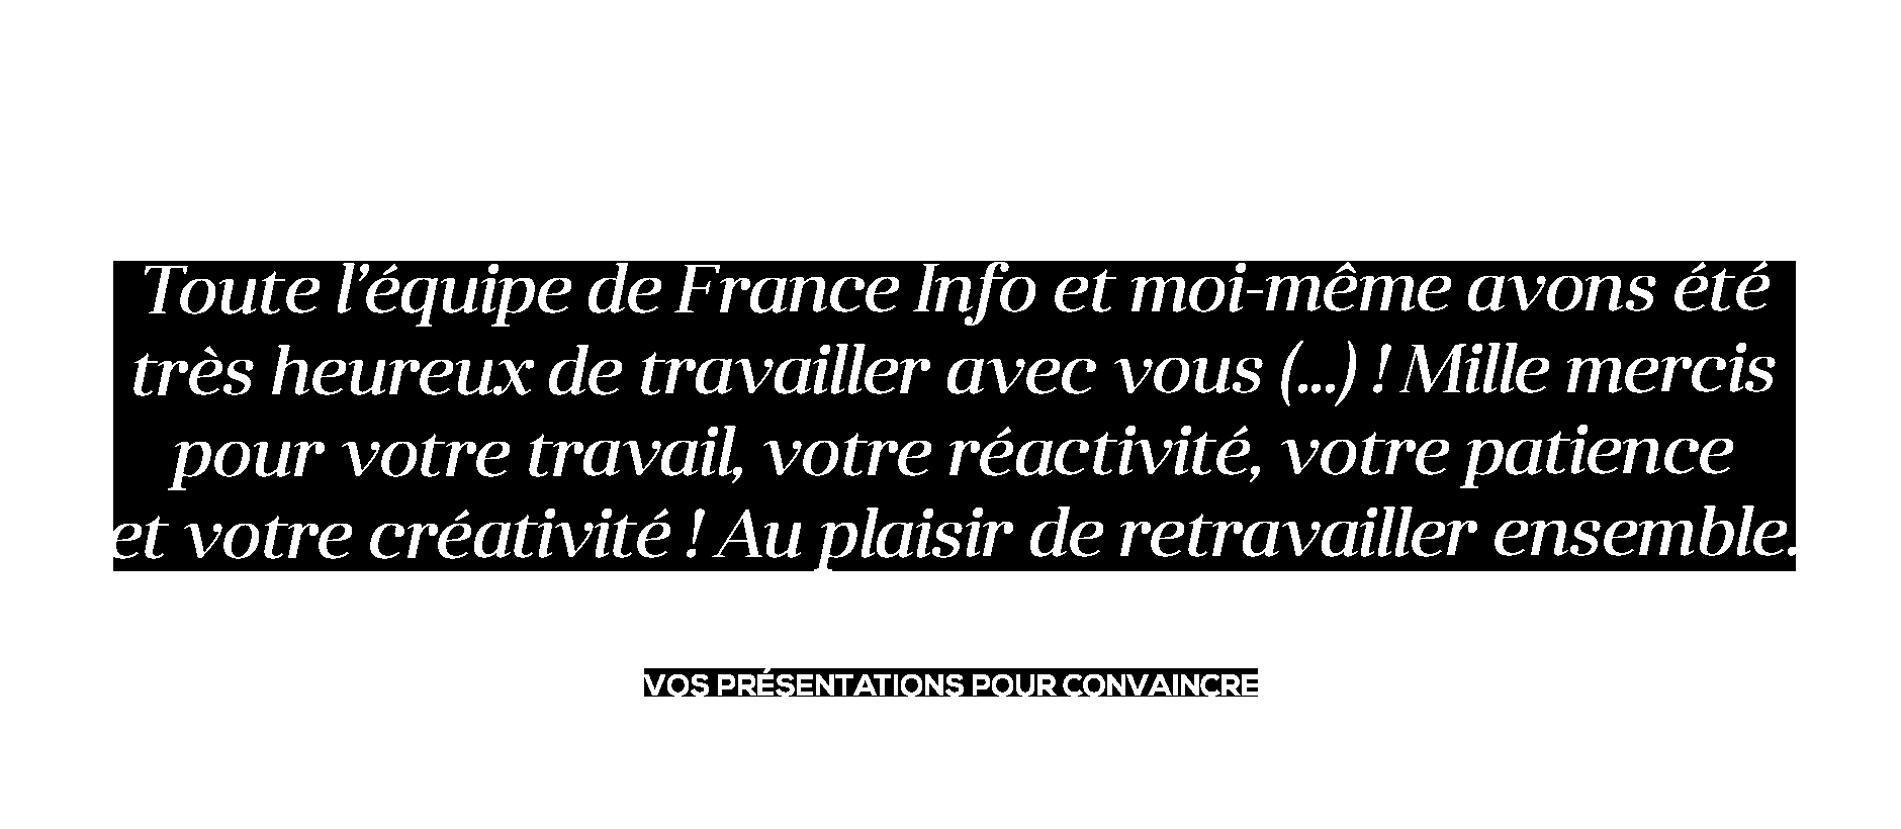 Témoignage Radio France pour La Boite à Slides